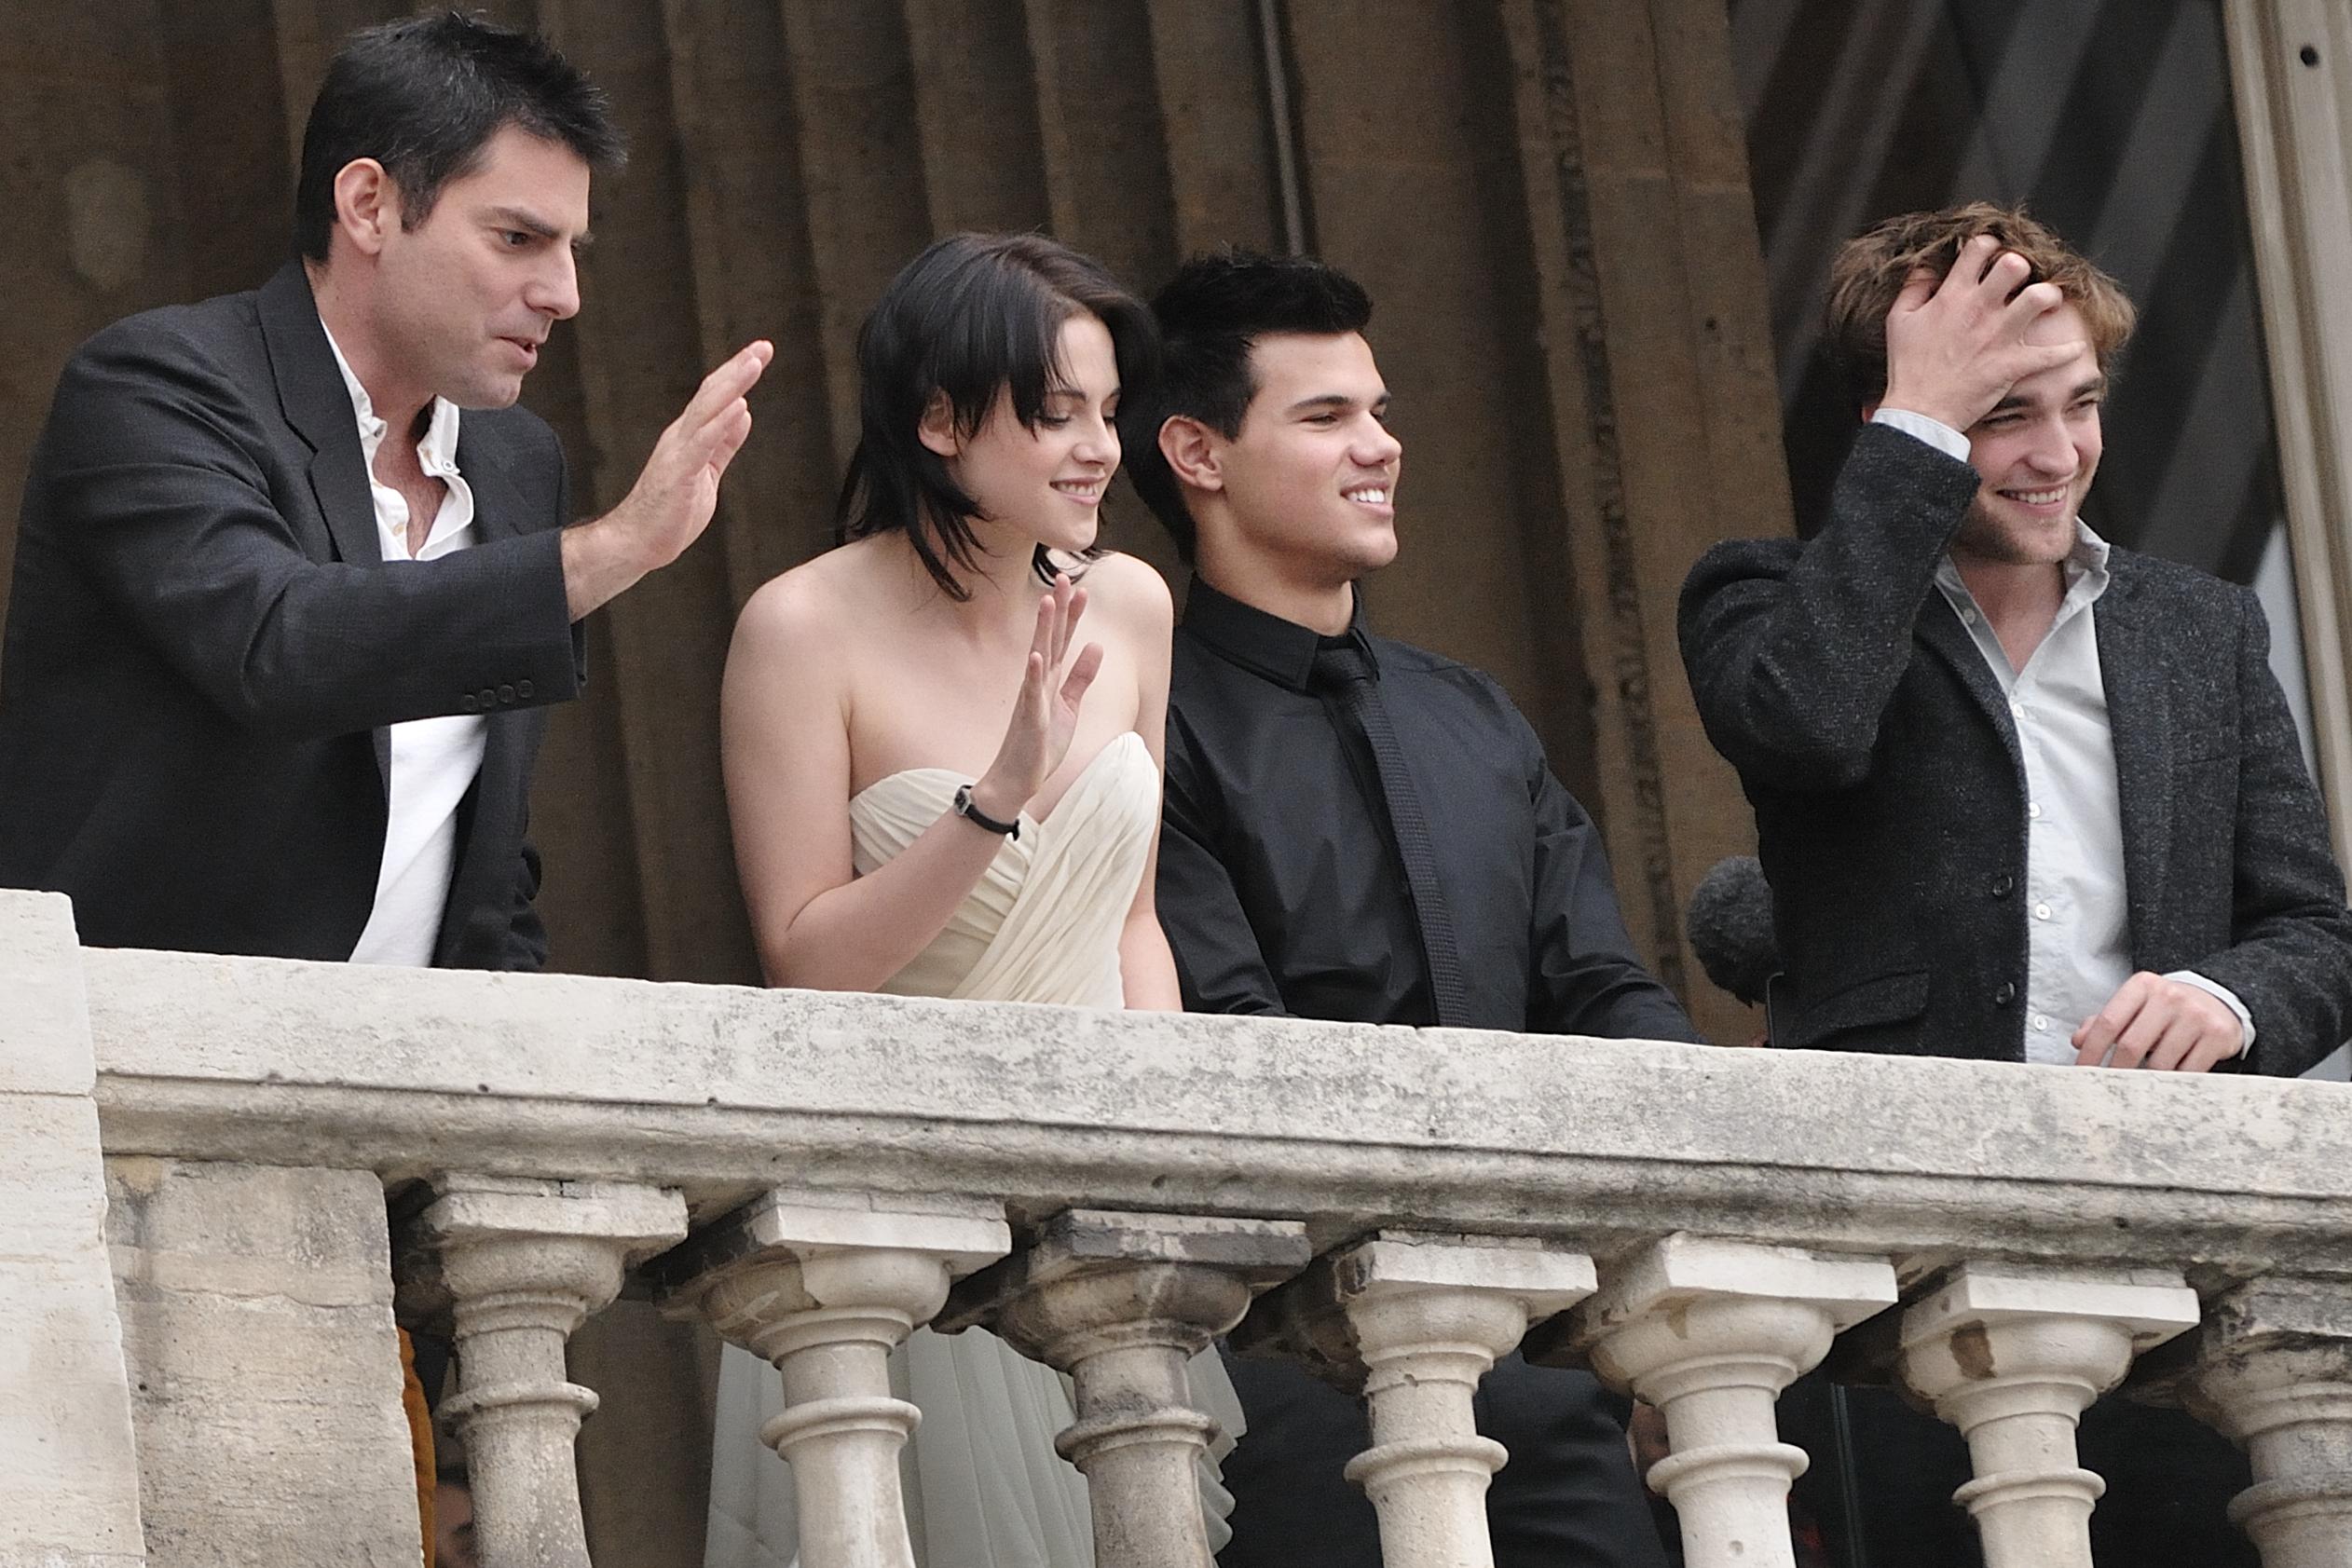 Director Chris Weitz (left), actress Kristen S...